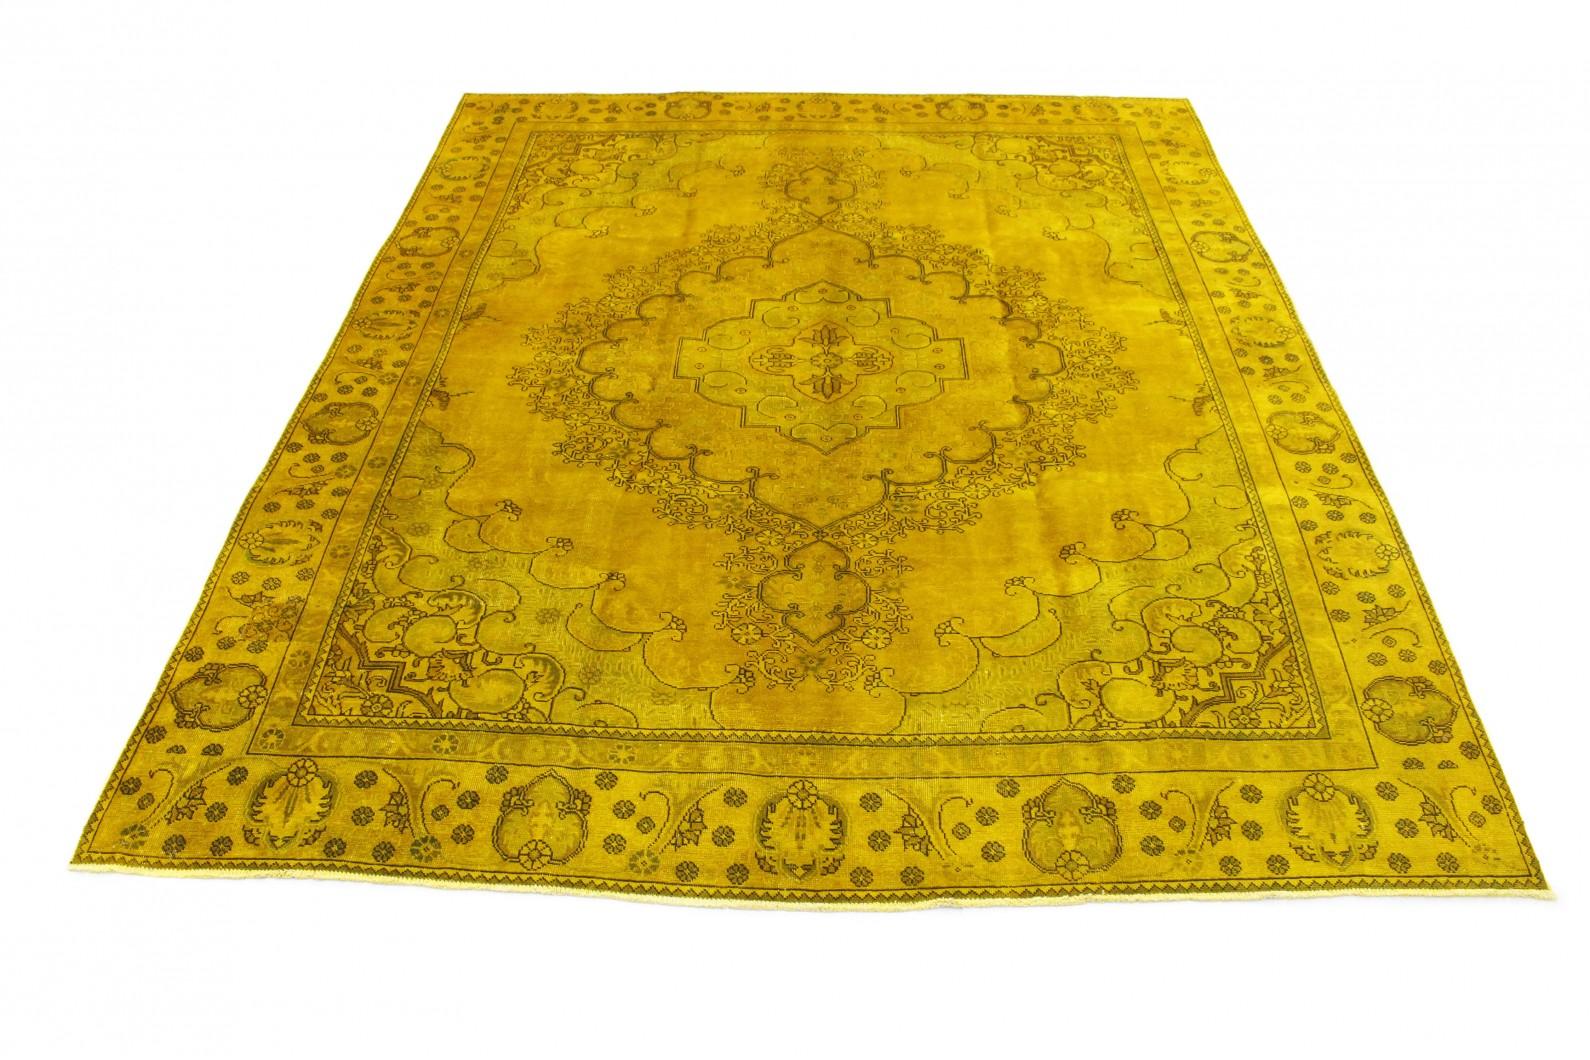 Vintage Teppich Senf in 360x280 (1 / 6)